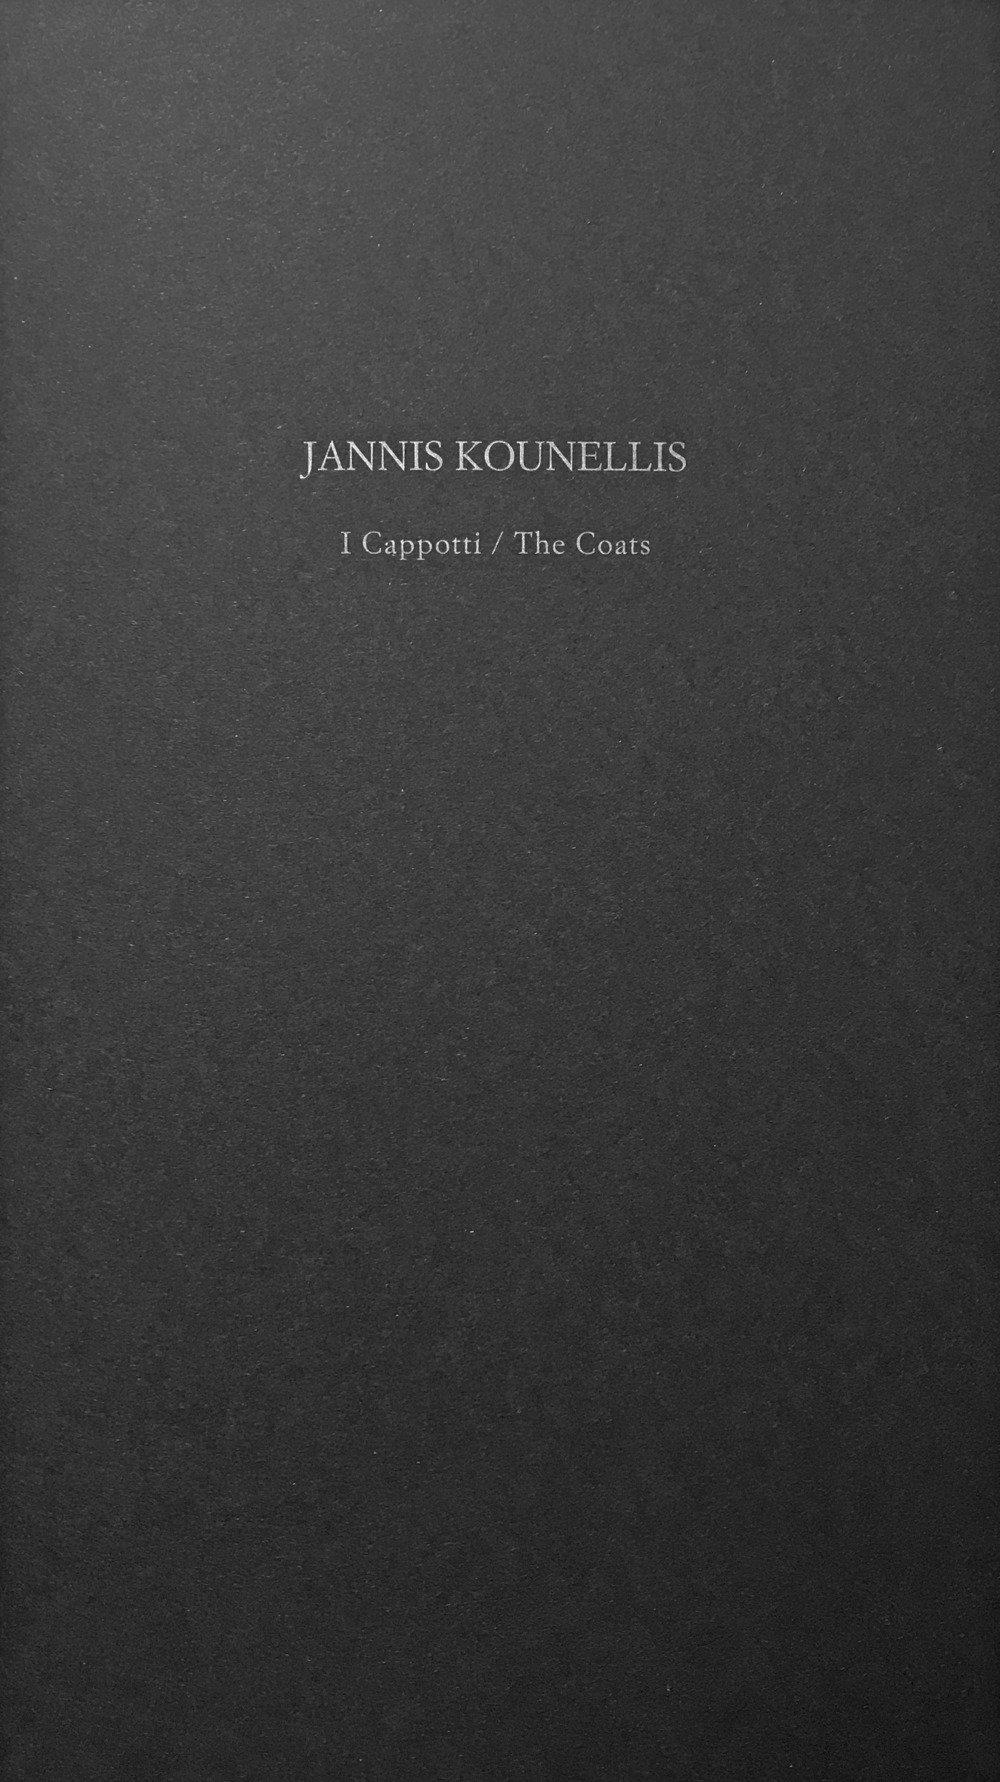 Jannis Kounellis. I cappotti. The coats.